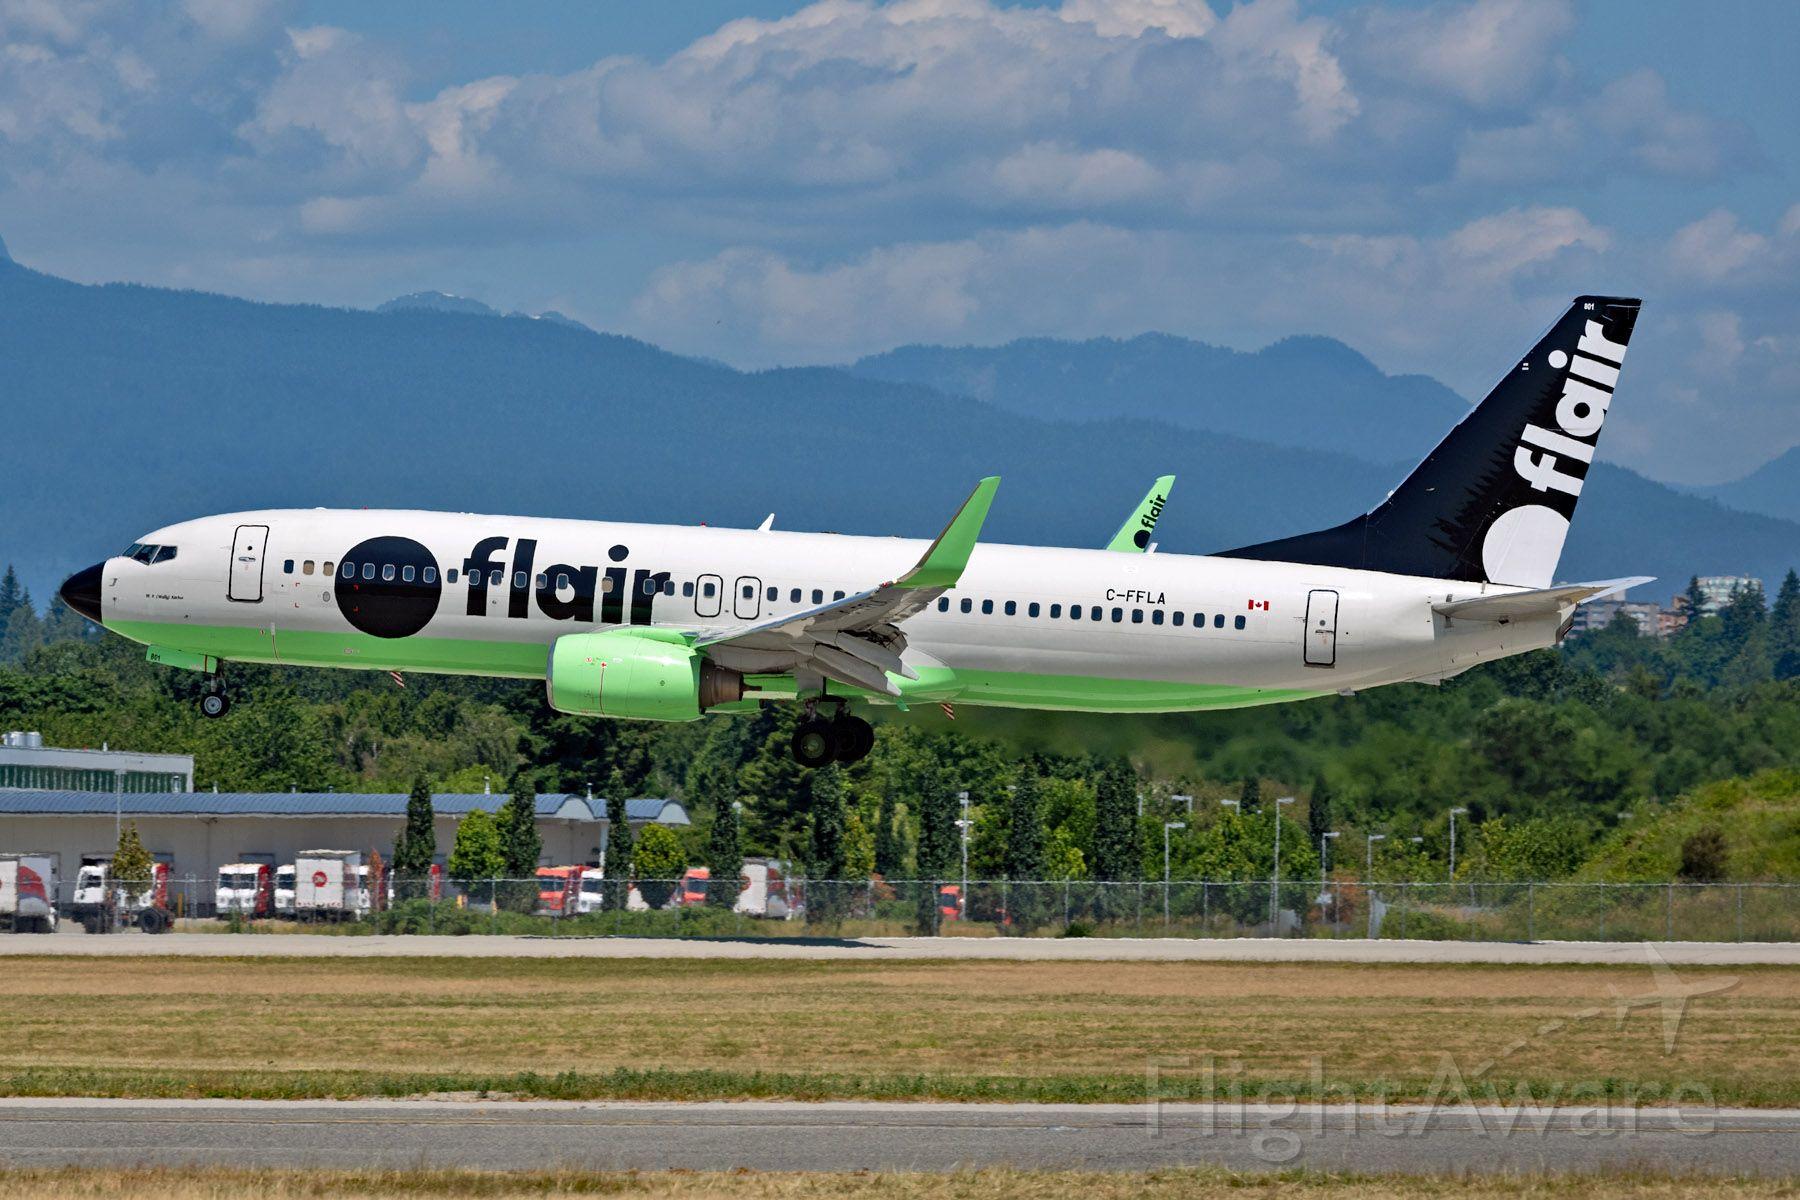 Boeing 737-800 (C-FFLA)